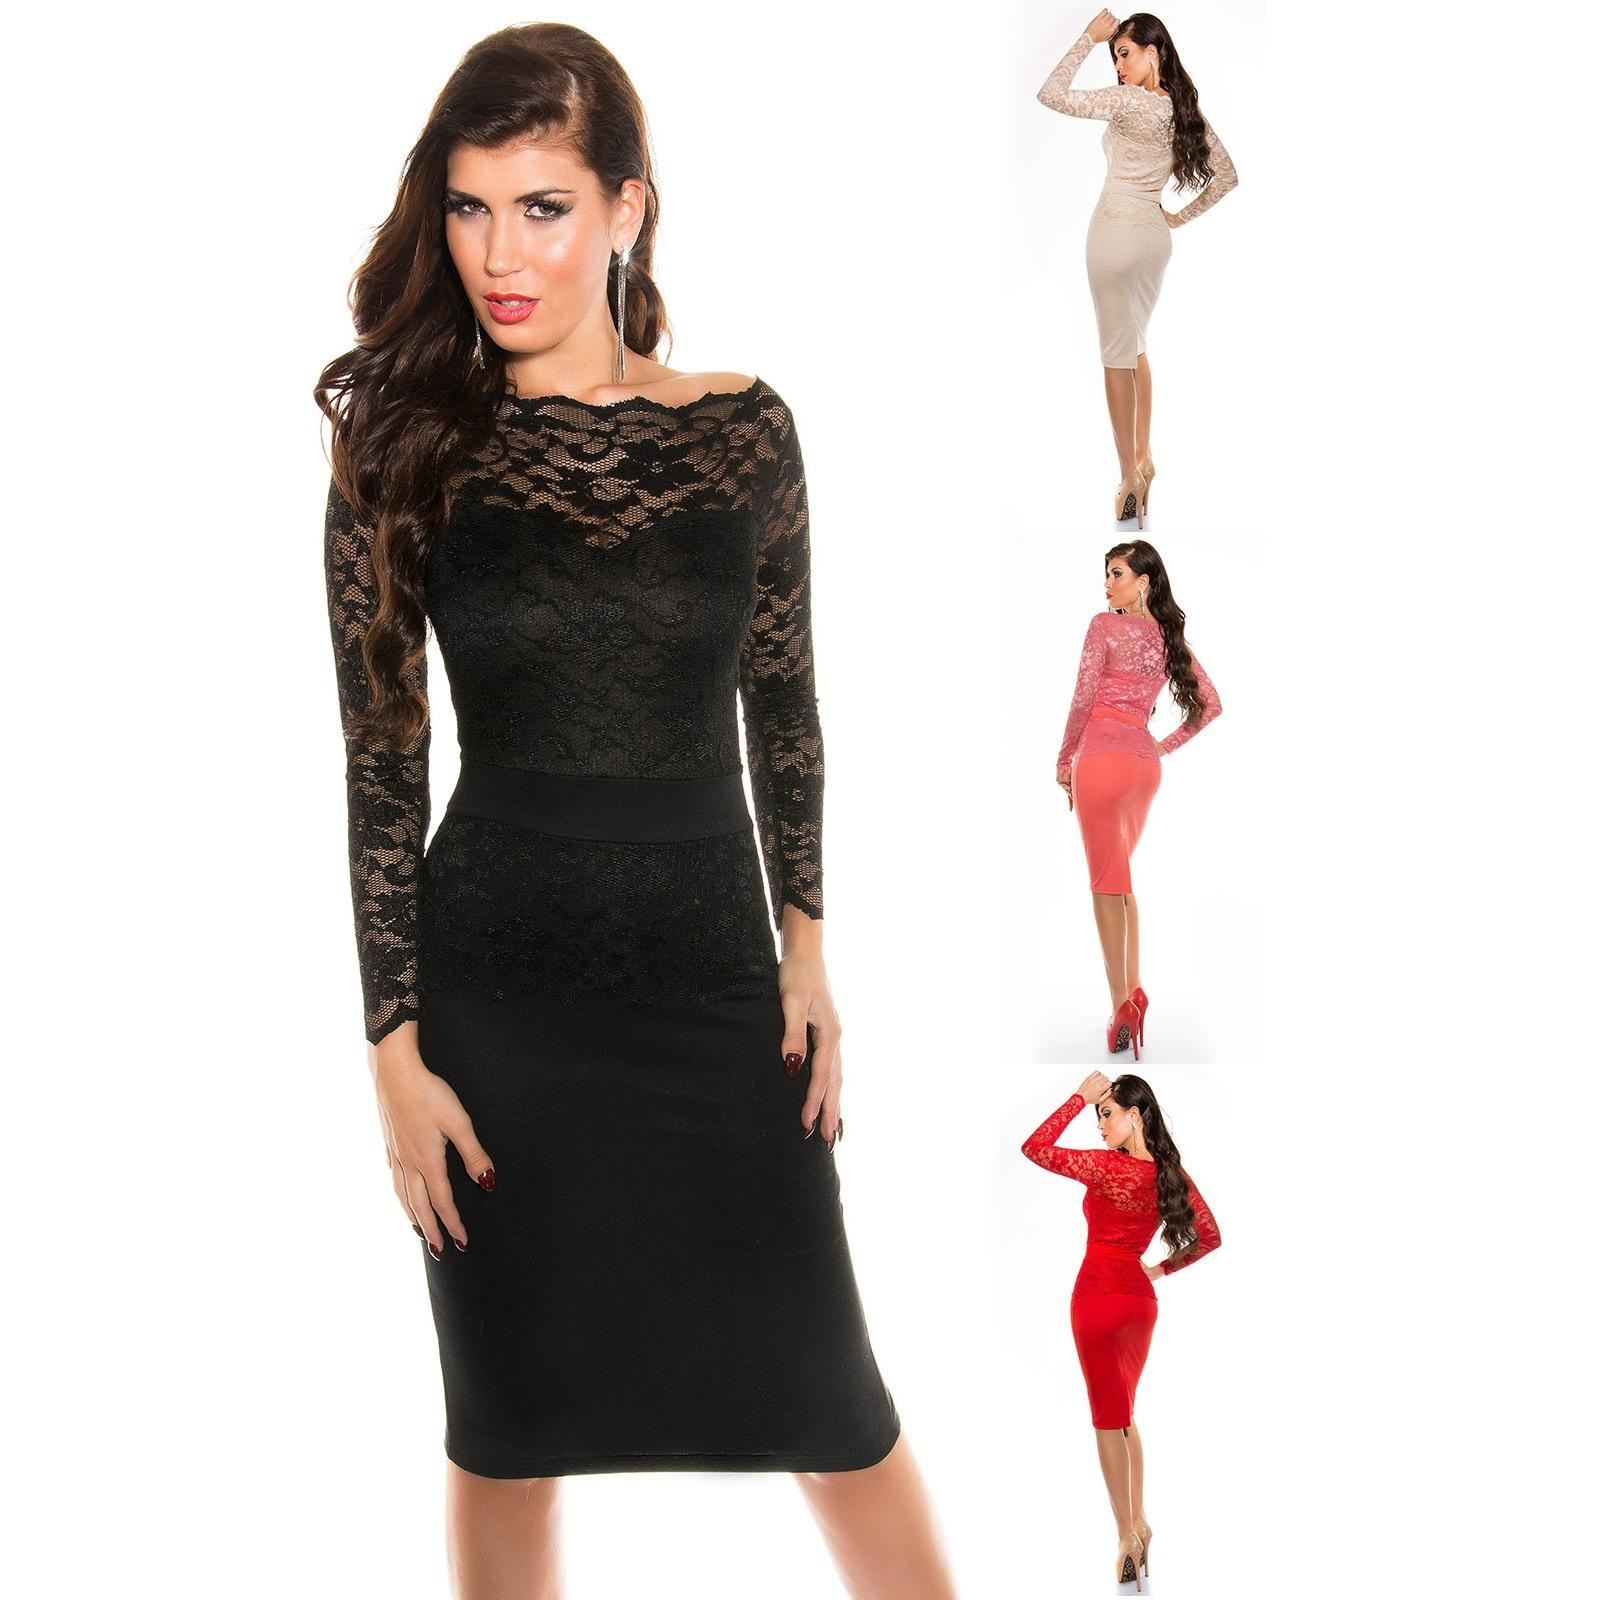 17 Spektakulär Damen Kleider Langarm SpezialgebietDesigner Schön Damen Kleider Langarm Design